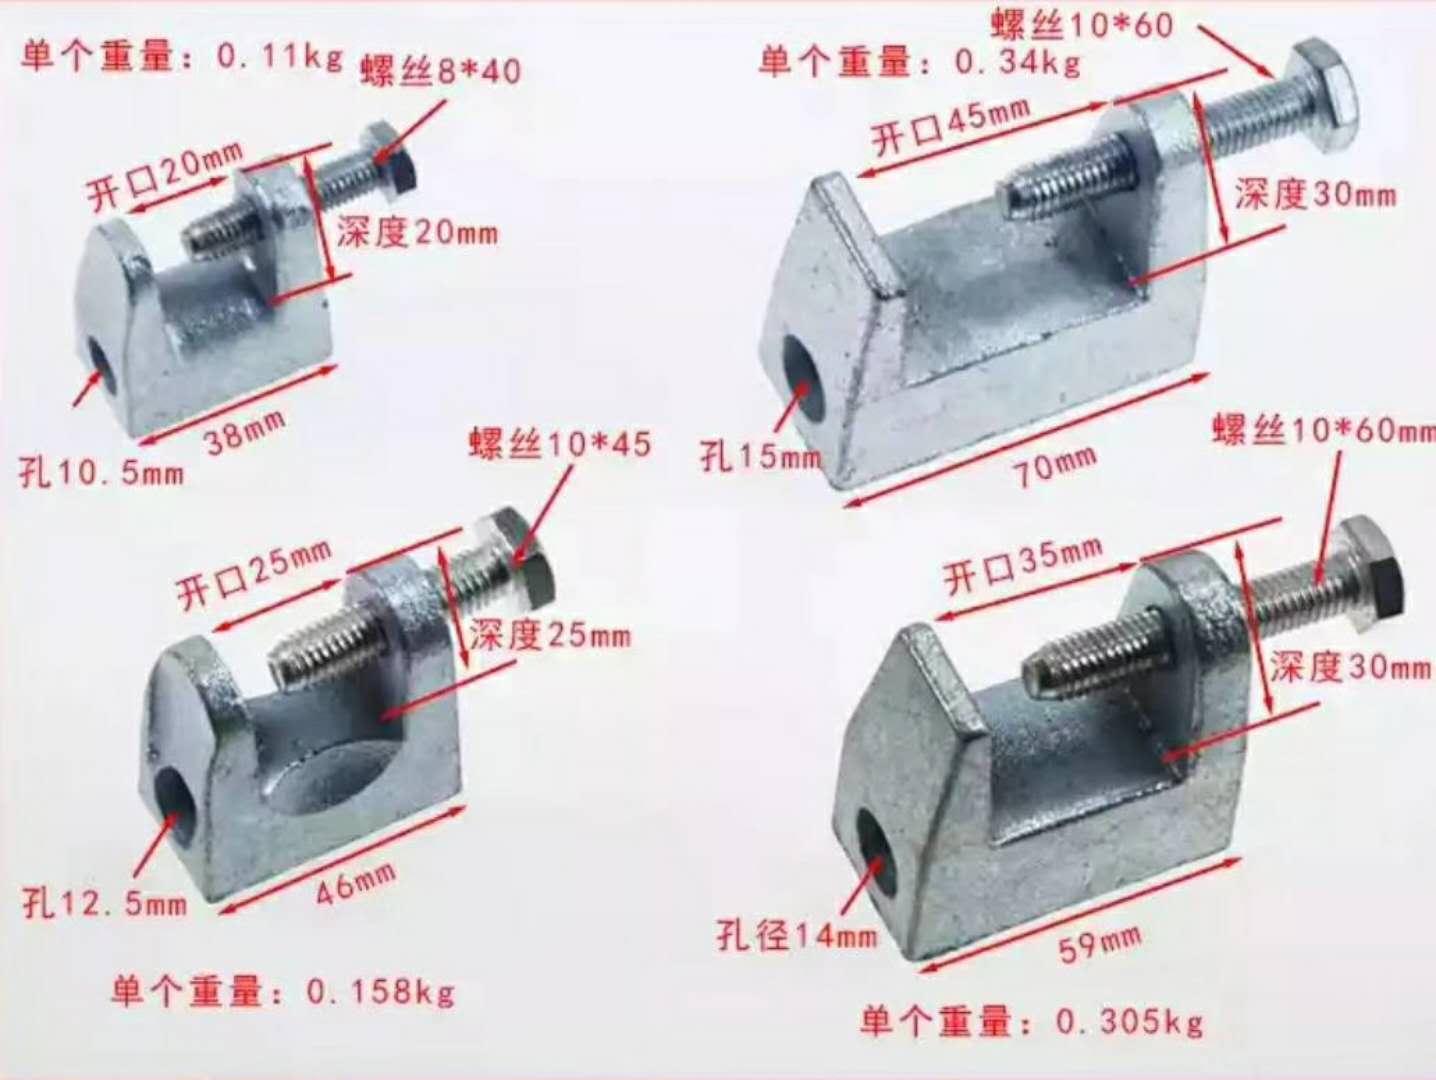 受欢迎的25开口铸铁老虎卡推荐 25开口铸铁老虎卡价位